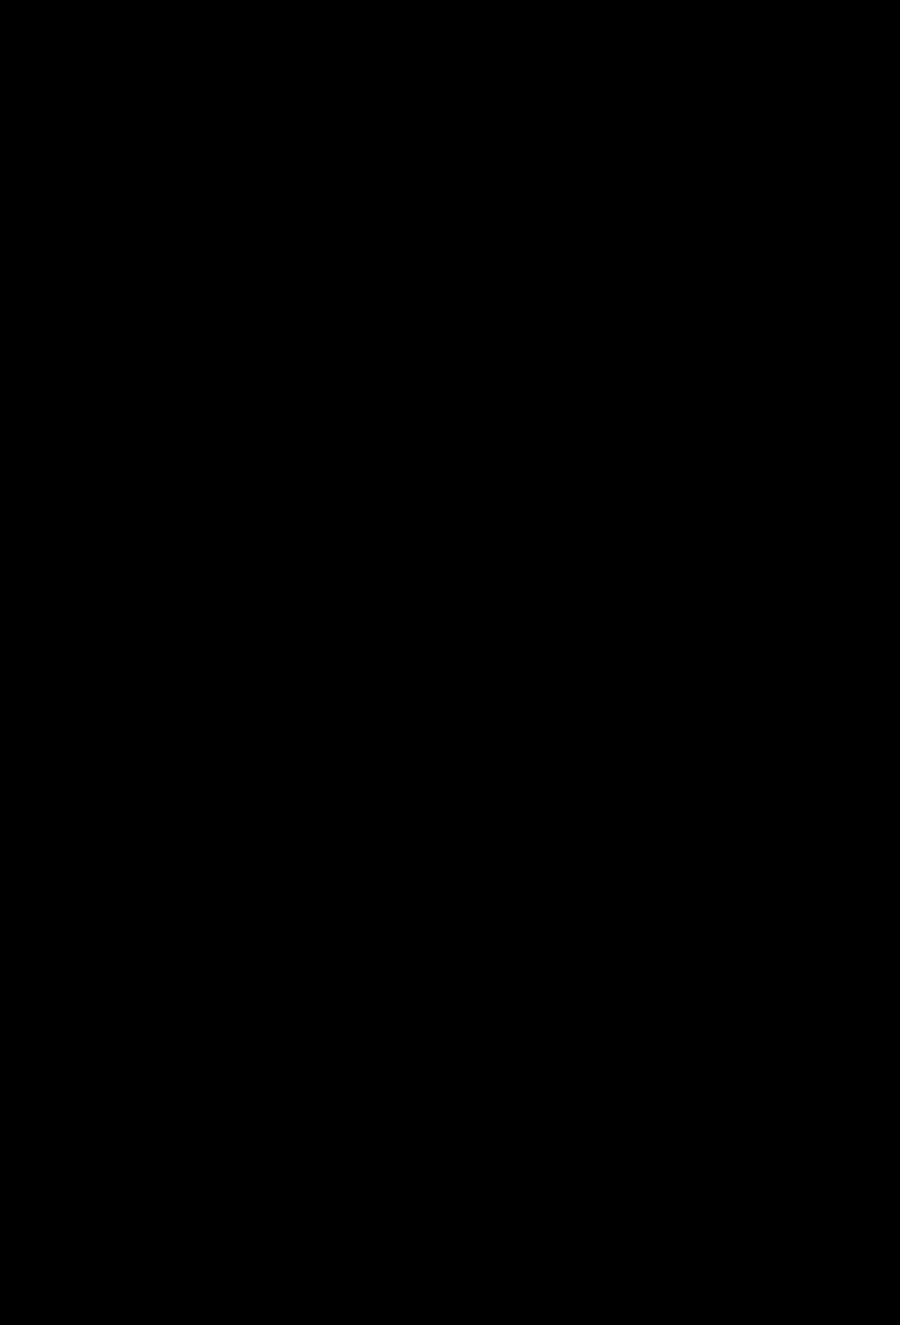 Nami Lineart : Nami lineart by tokajero on deviantart